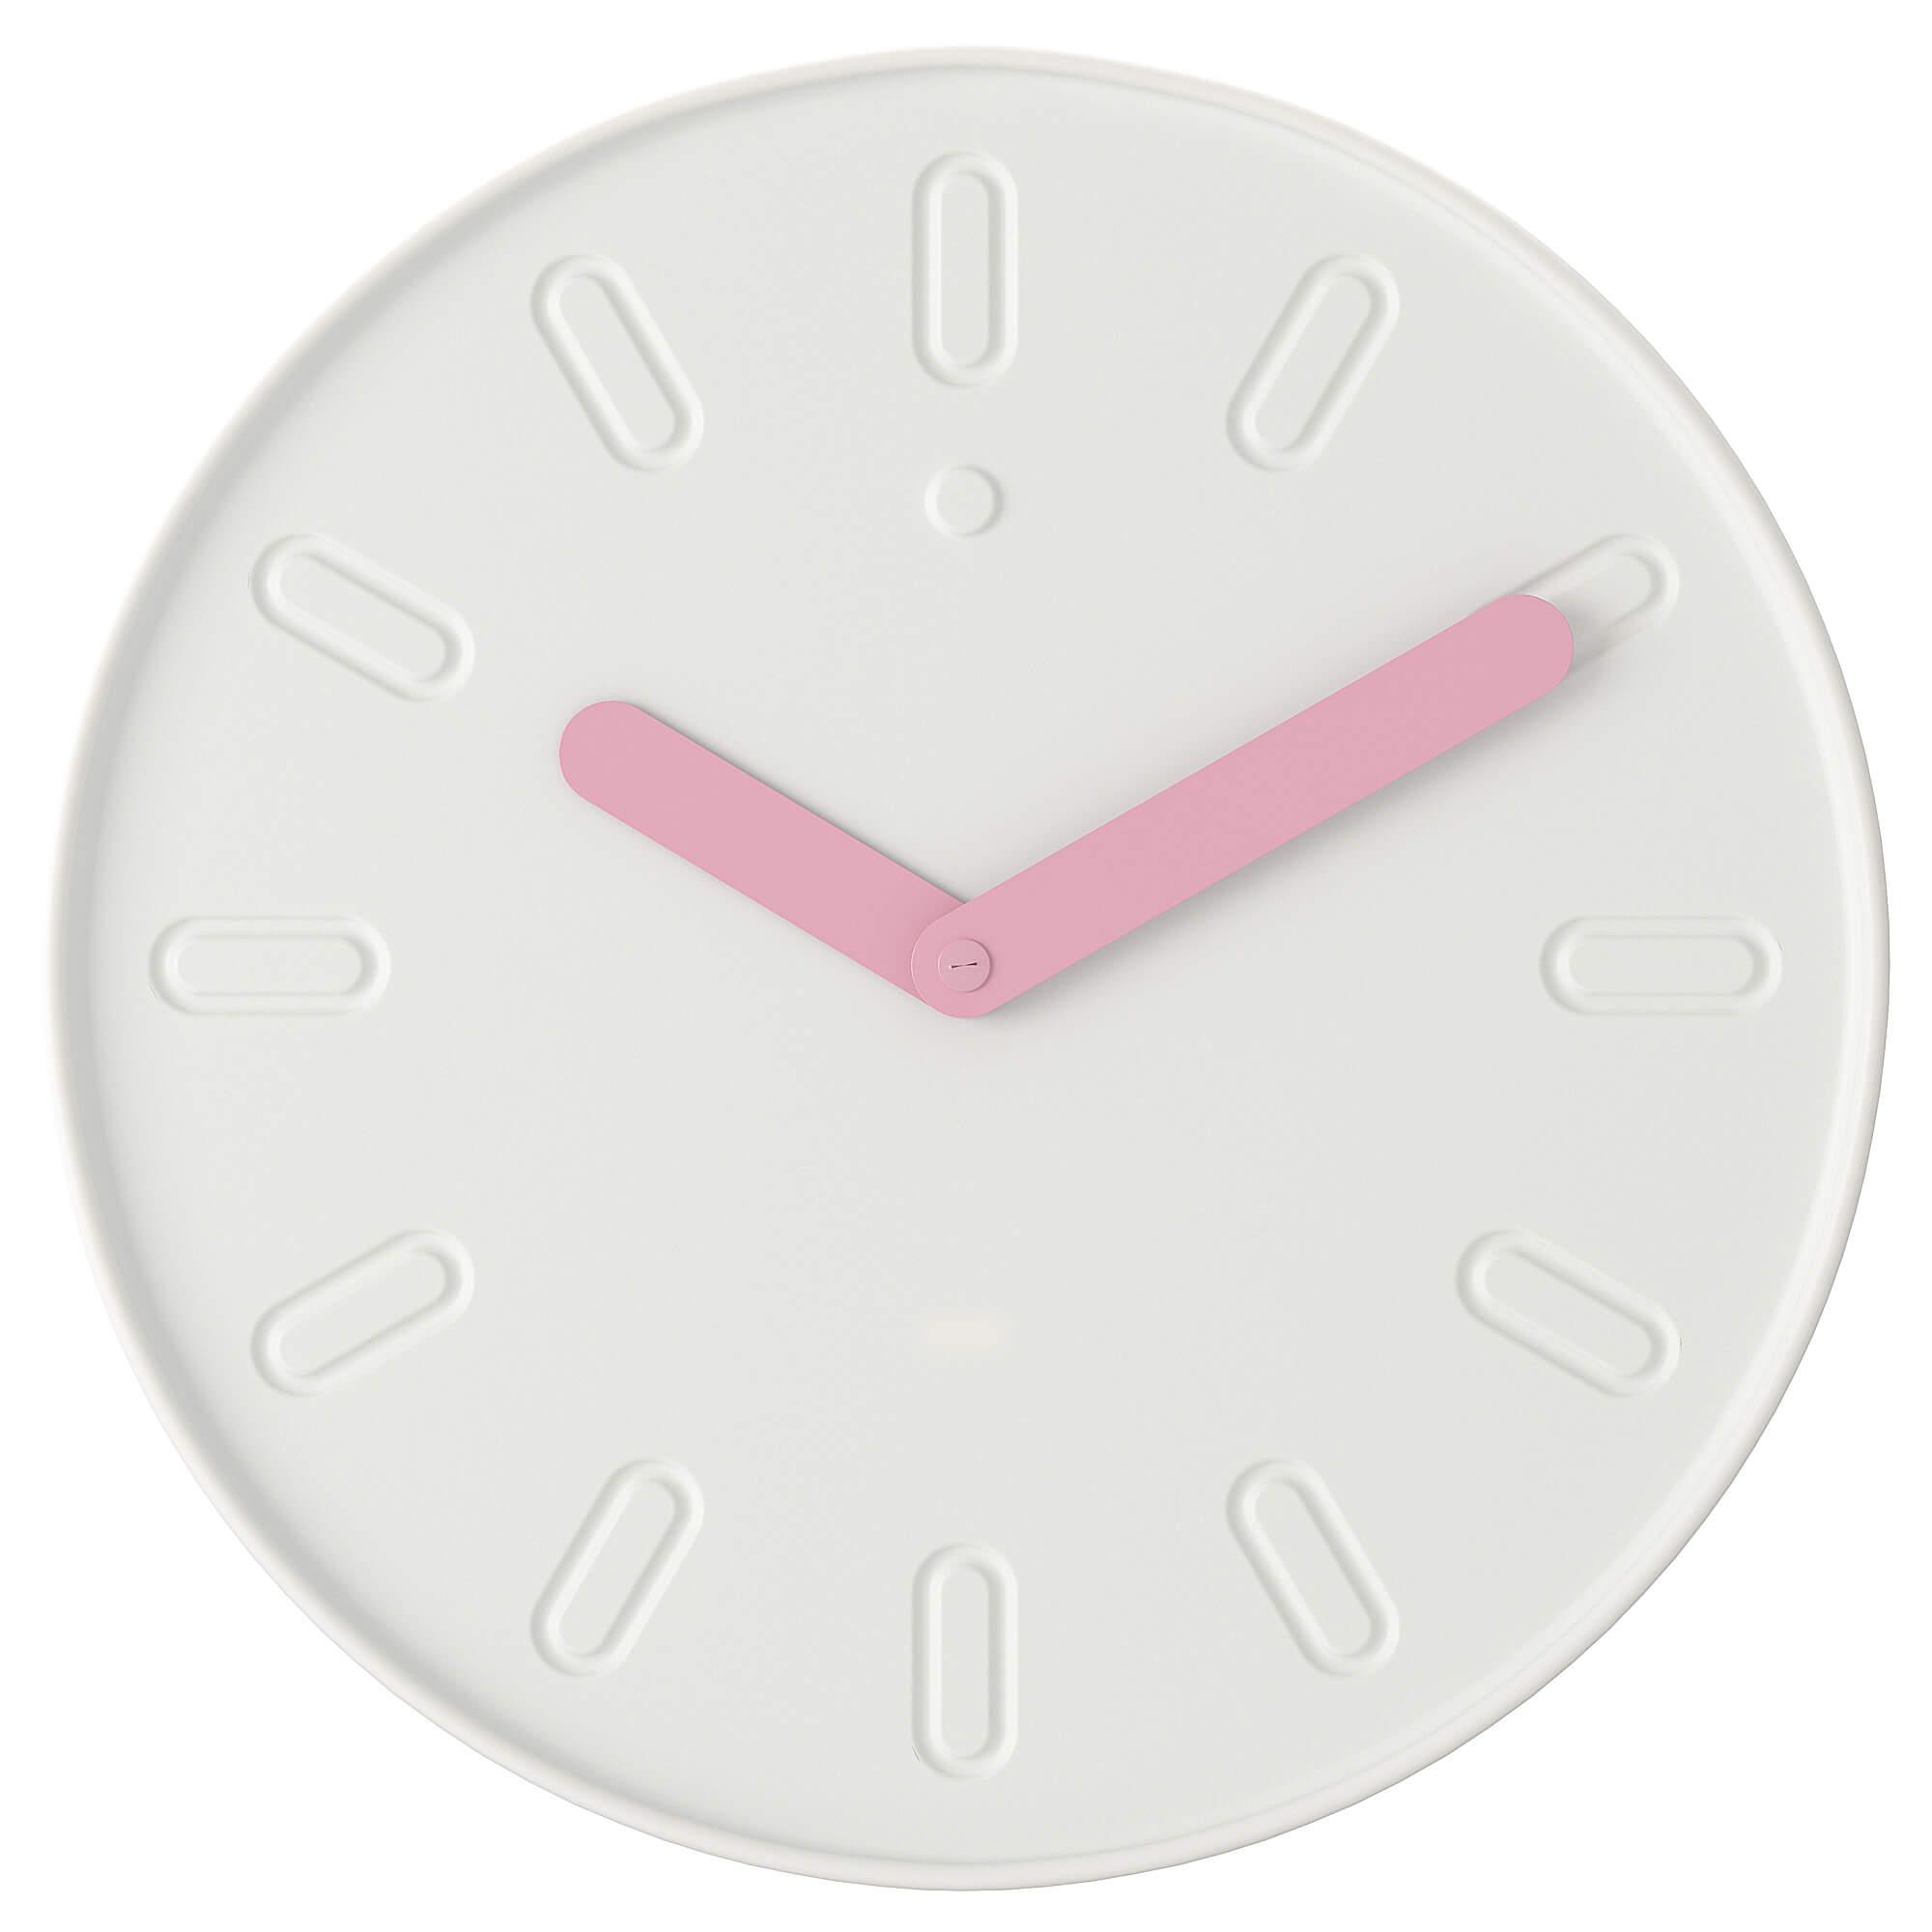 שעון איקאה SLIPSTEN